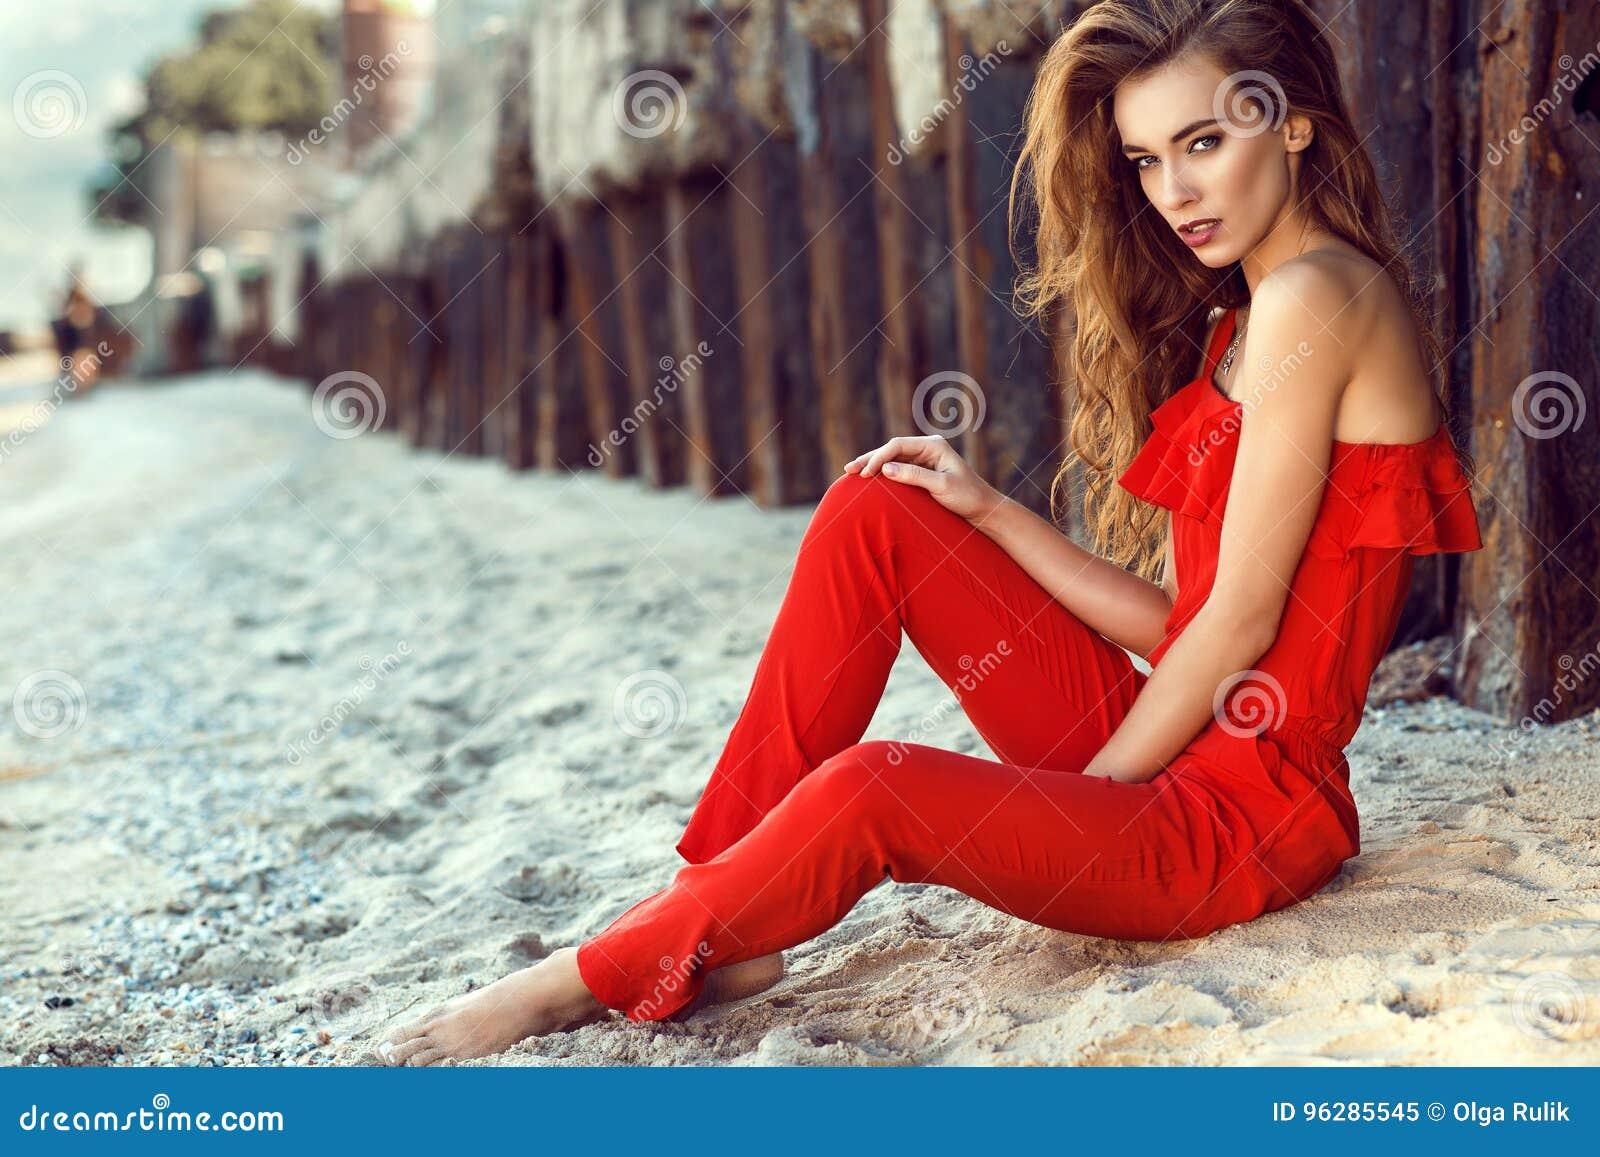 Charmerend jonge vrouw met lang haar in koraal rode schouder jumpsuit zitting op het strand bij de oude roestige stapels